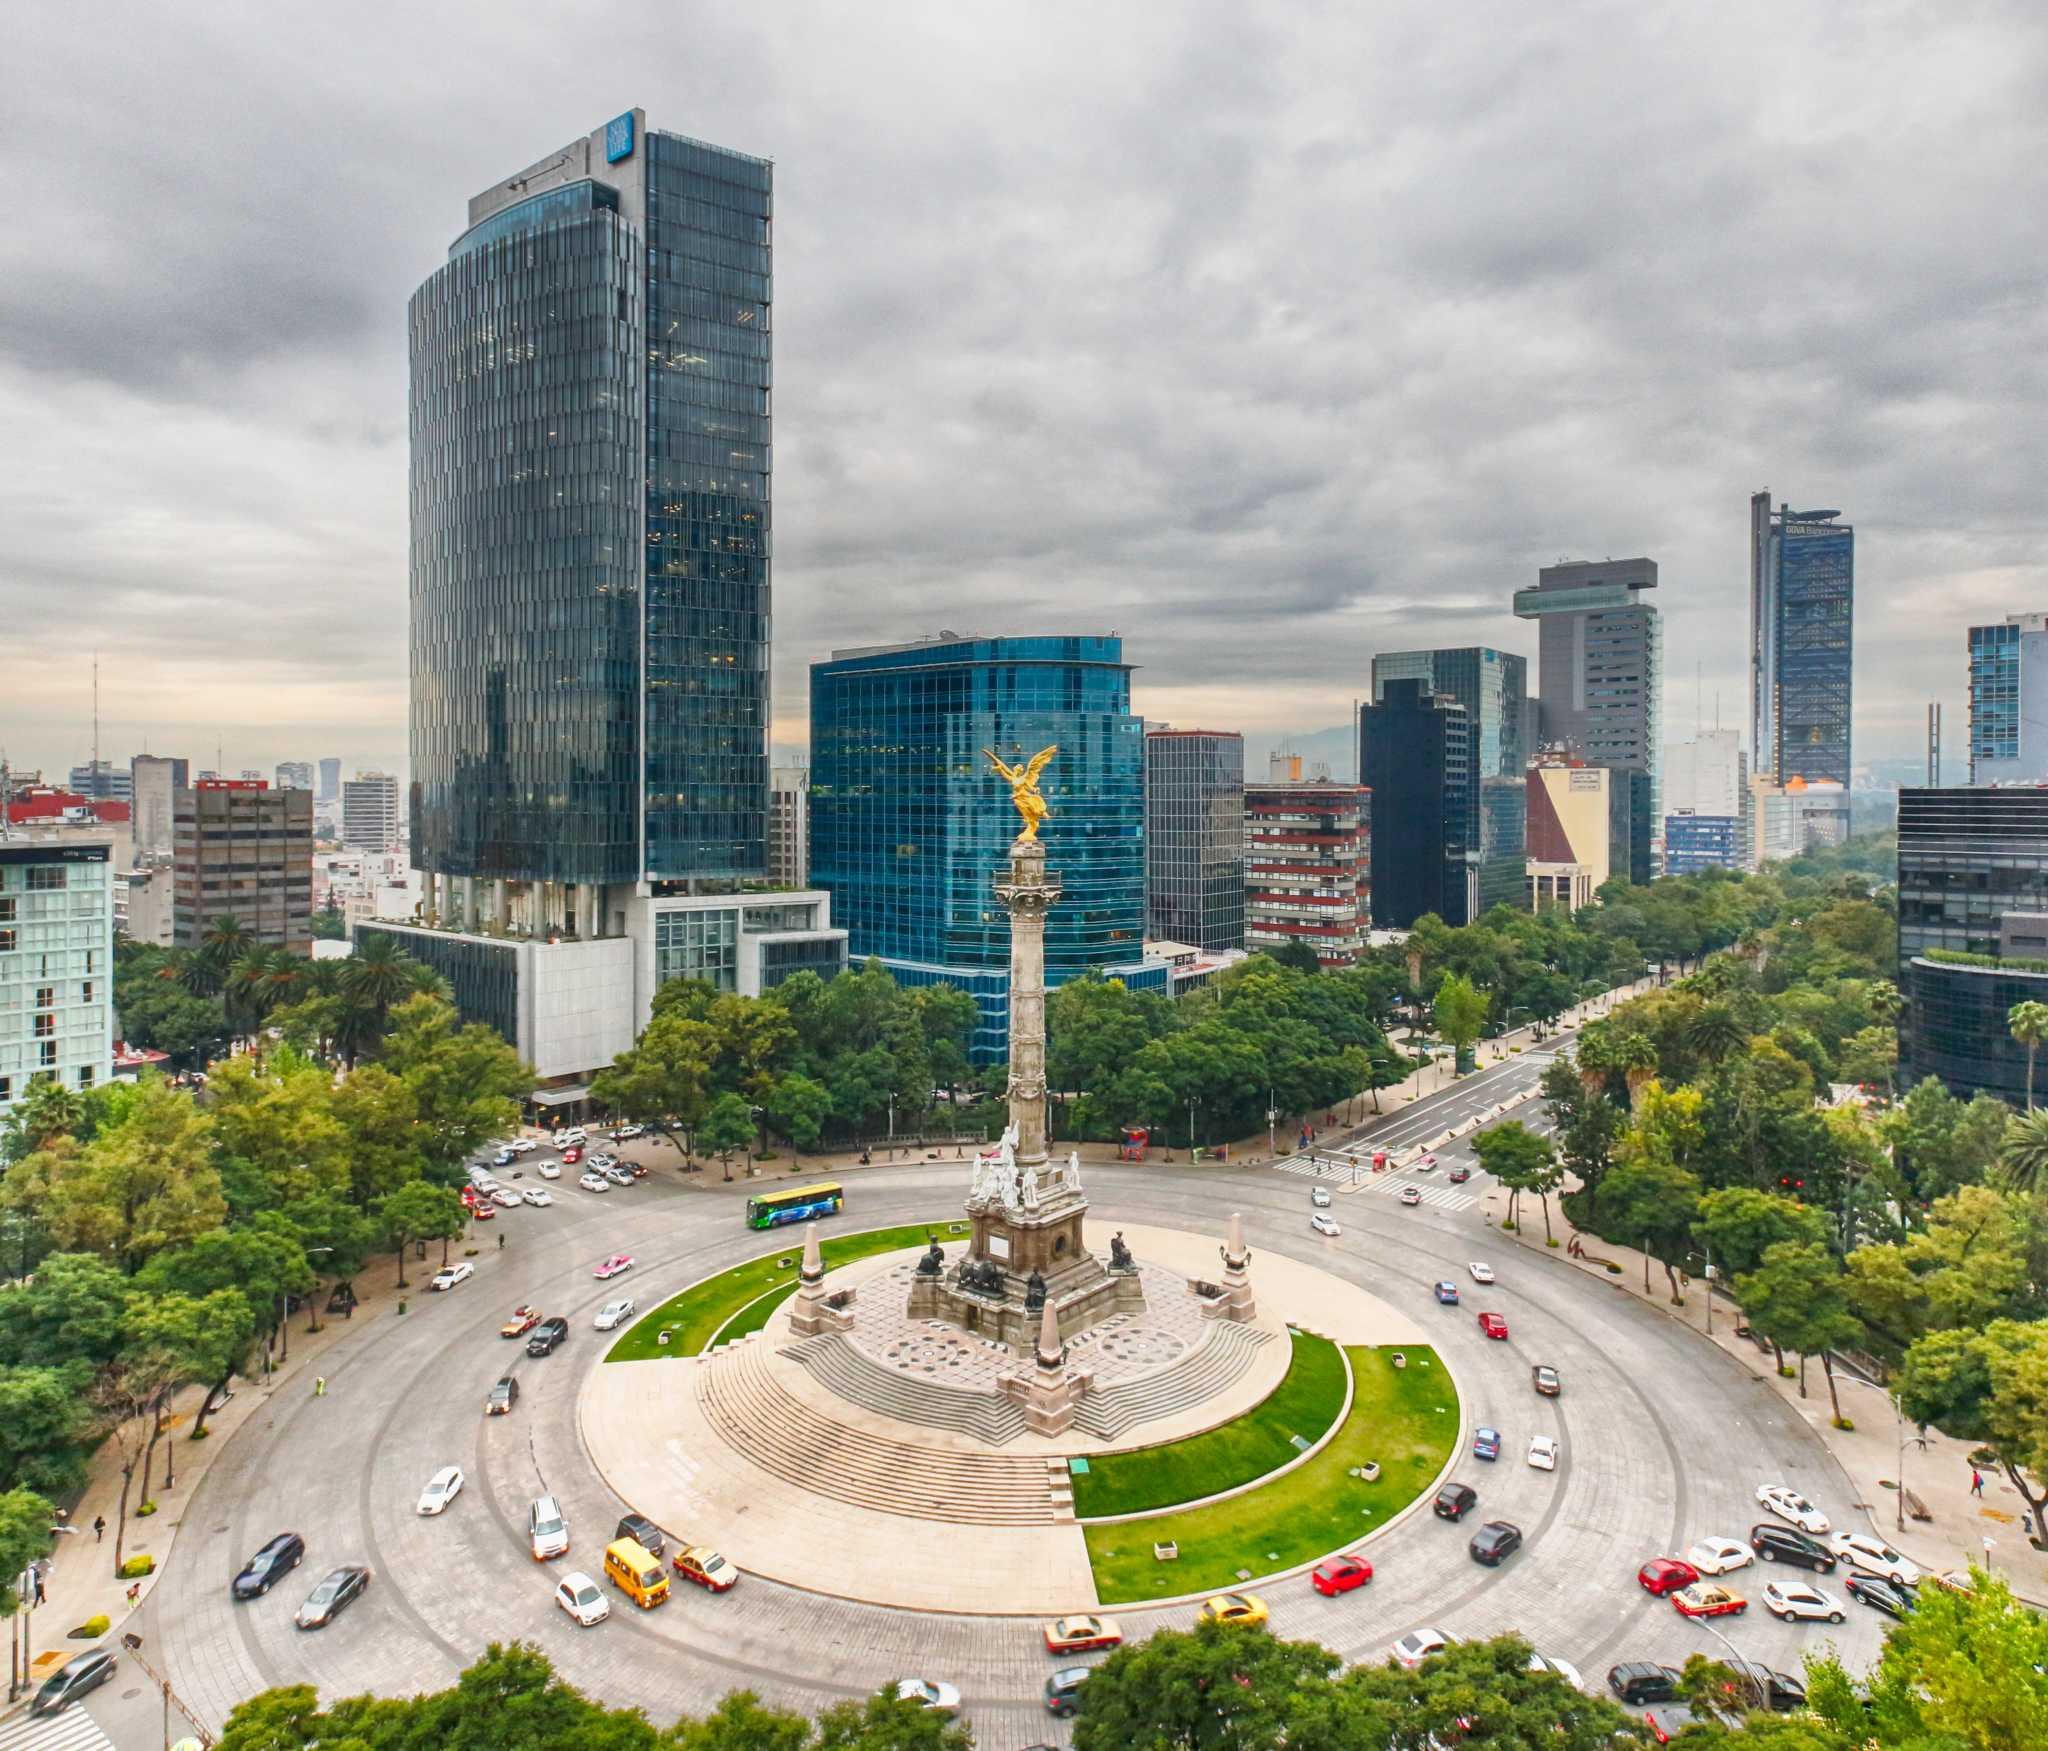 ciudad de mxico dating site Compra y vende tus boletos para deportes, conciertos, teatro y más eventos de forma rápida y segura en stubhub.